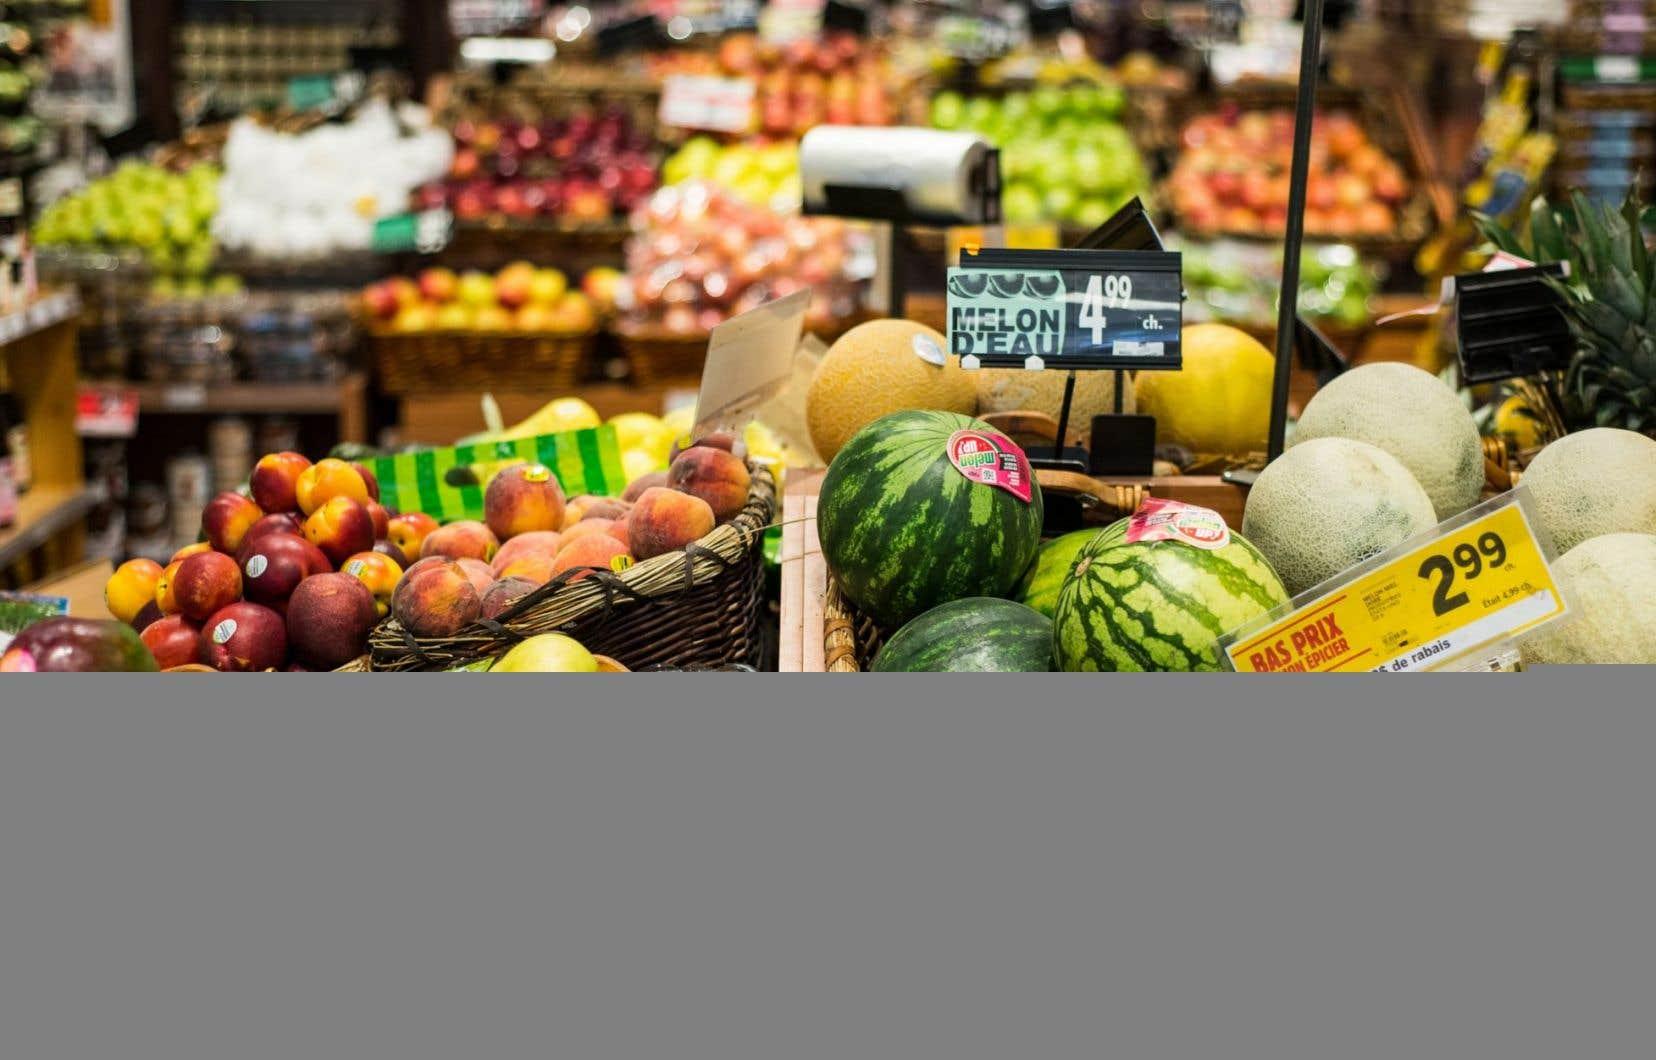 Près de 1,3 milliard de tonnes de nourriture sont jetées chaque année dans les pays développés.